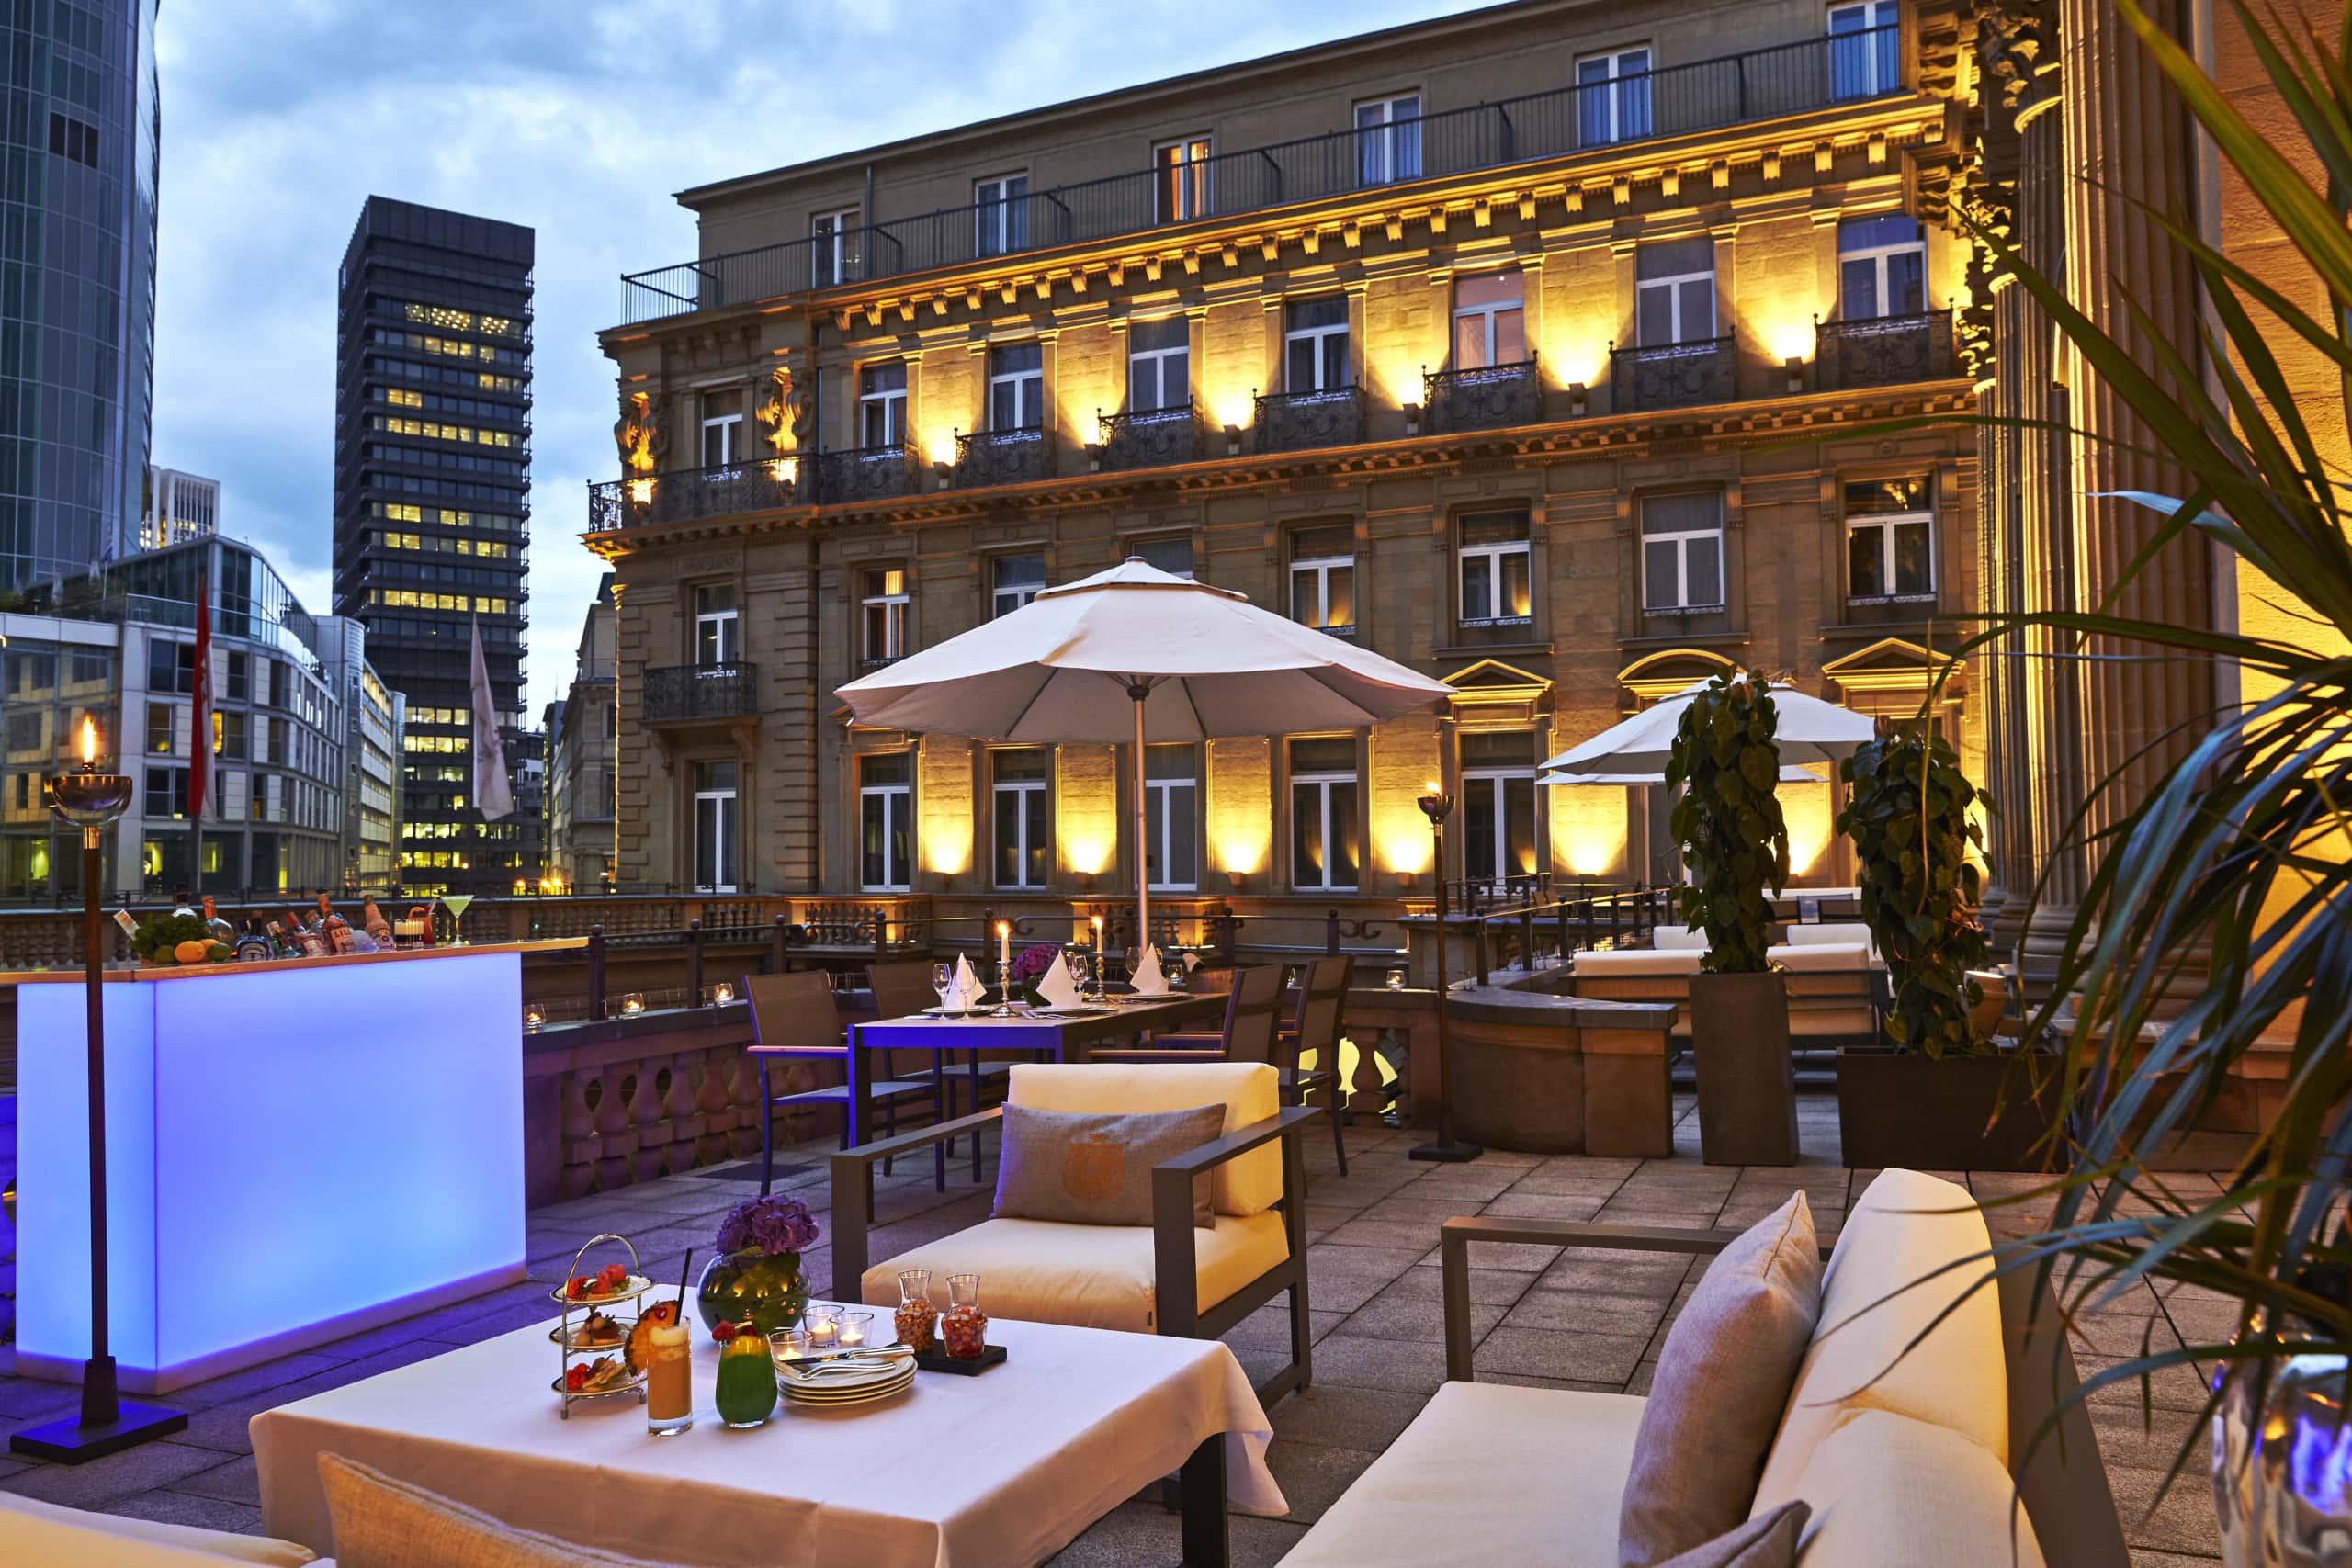 Terrasse des Steigenberger Hotels in Frankfurt am Abend mit Blick auf die Stadt